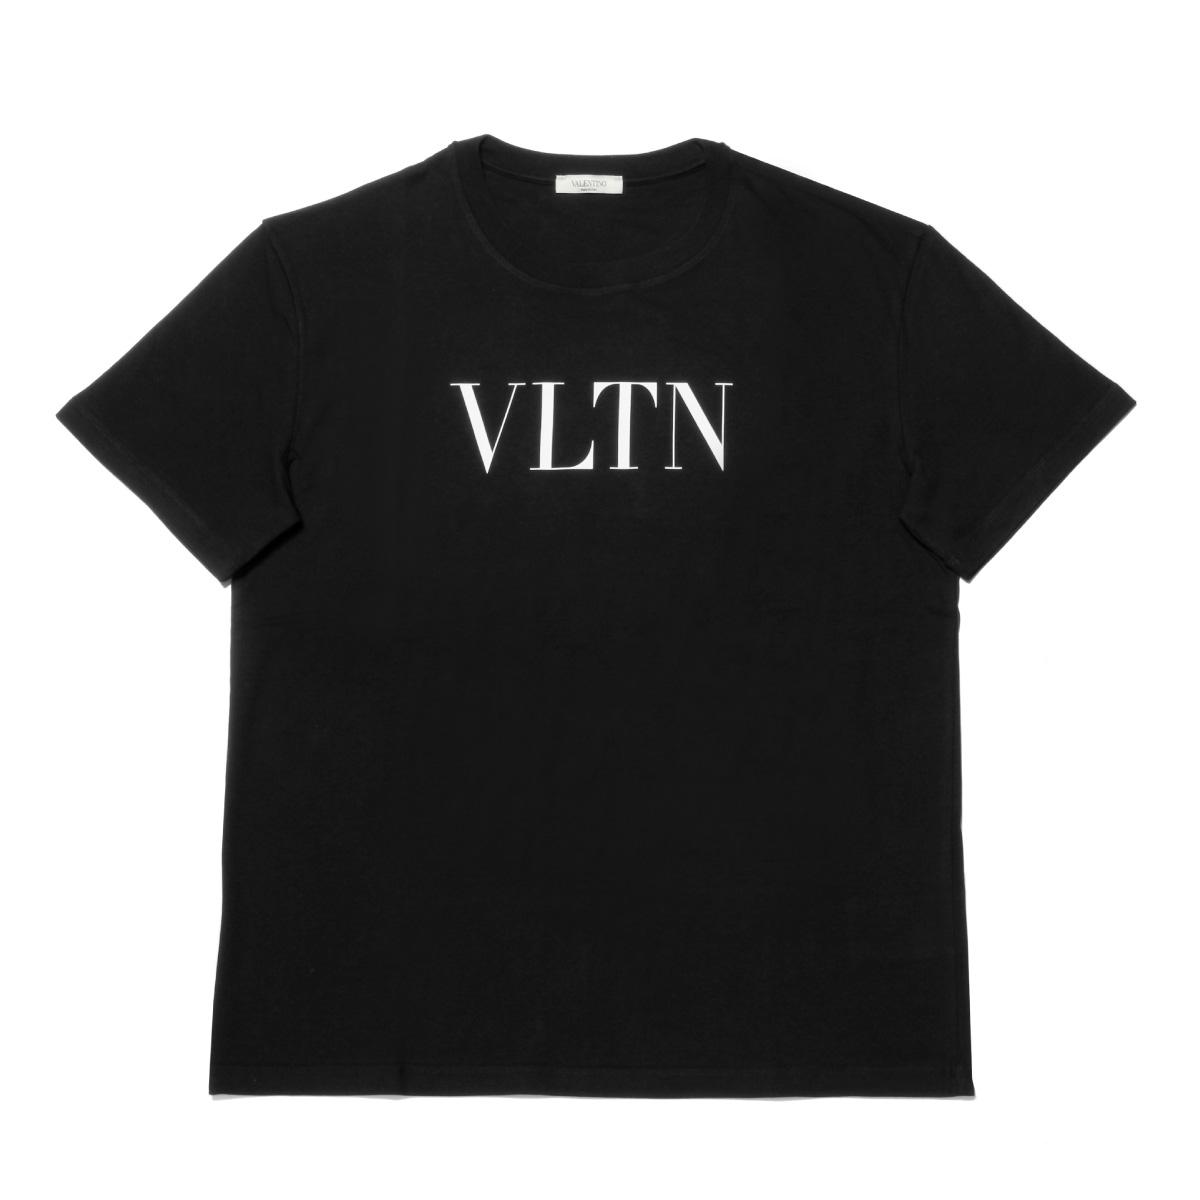 ヴァレンティノ VALENTINO Tシャツ メンズ RV3MG10V3LE 0NO 半袖Tシャツ NERO ブラック